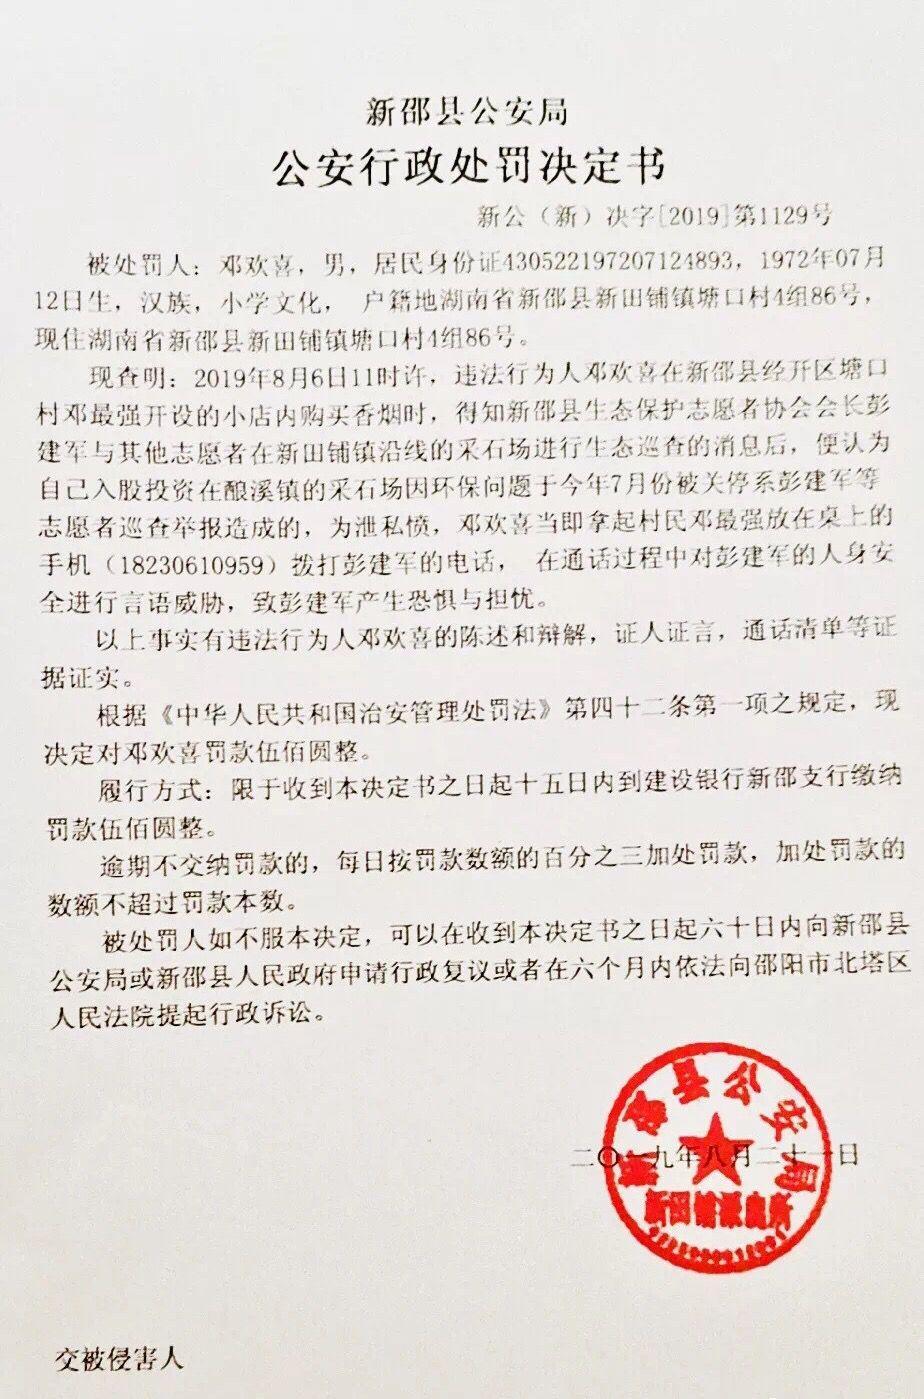 湖南环保志愿者遭涉污企业威胁 警方:道歉并罚款